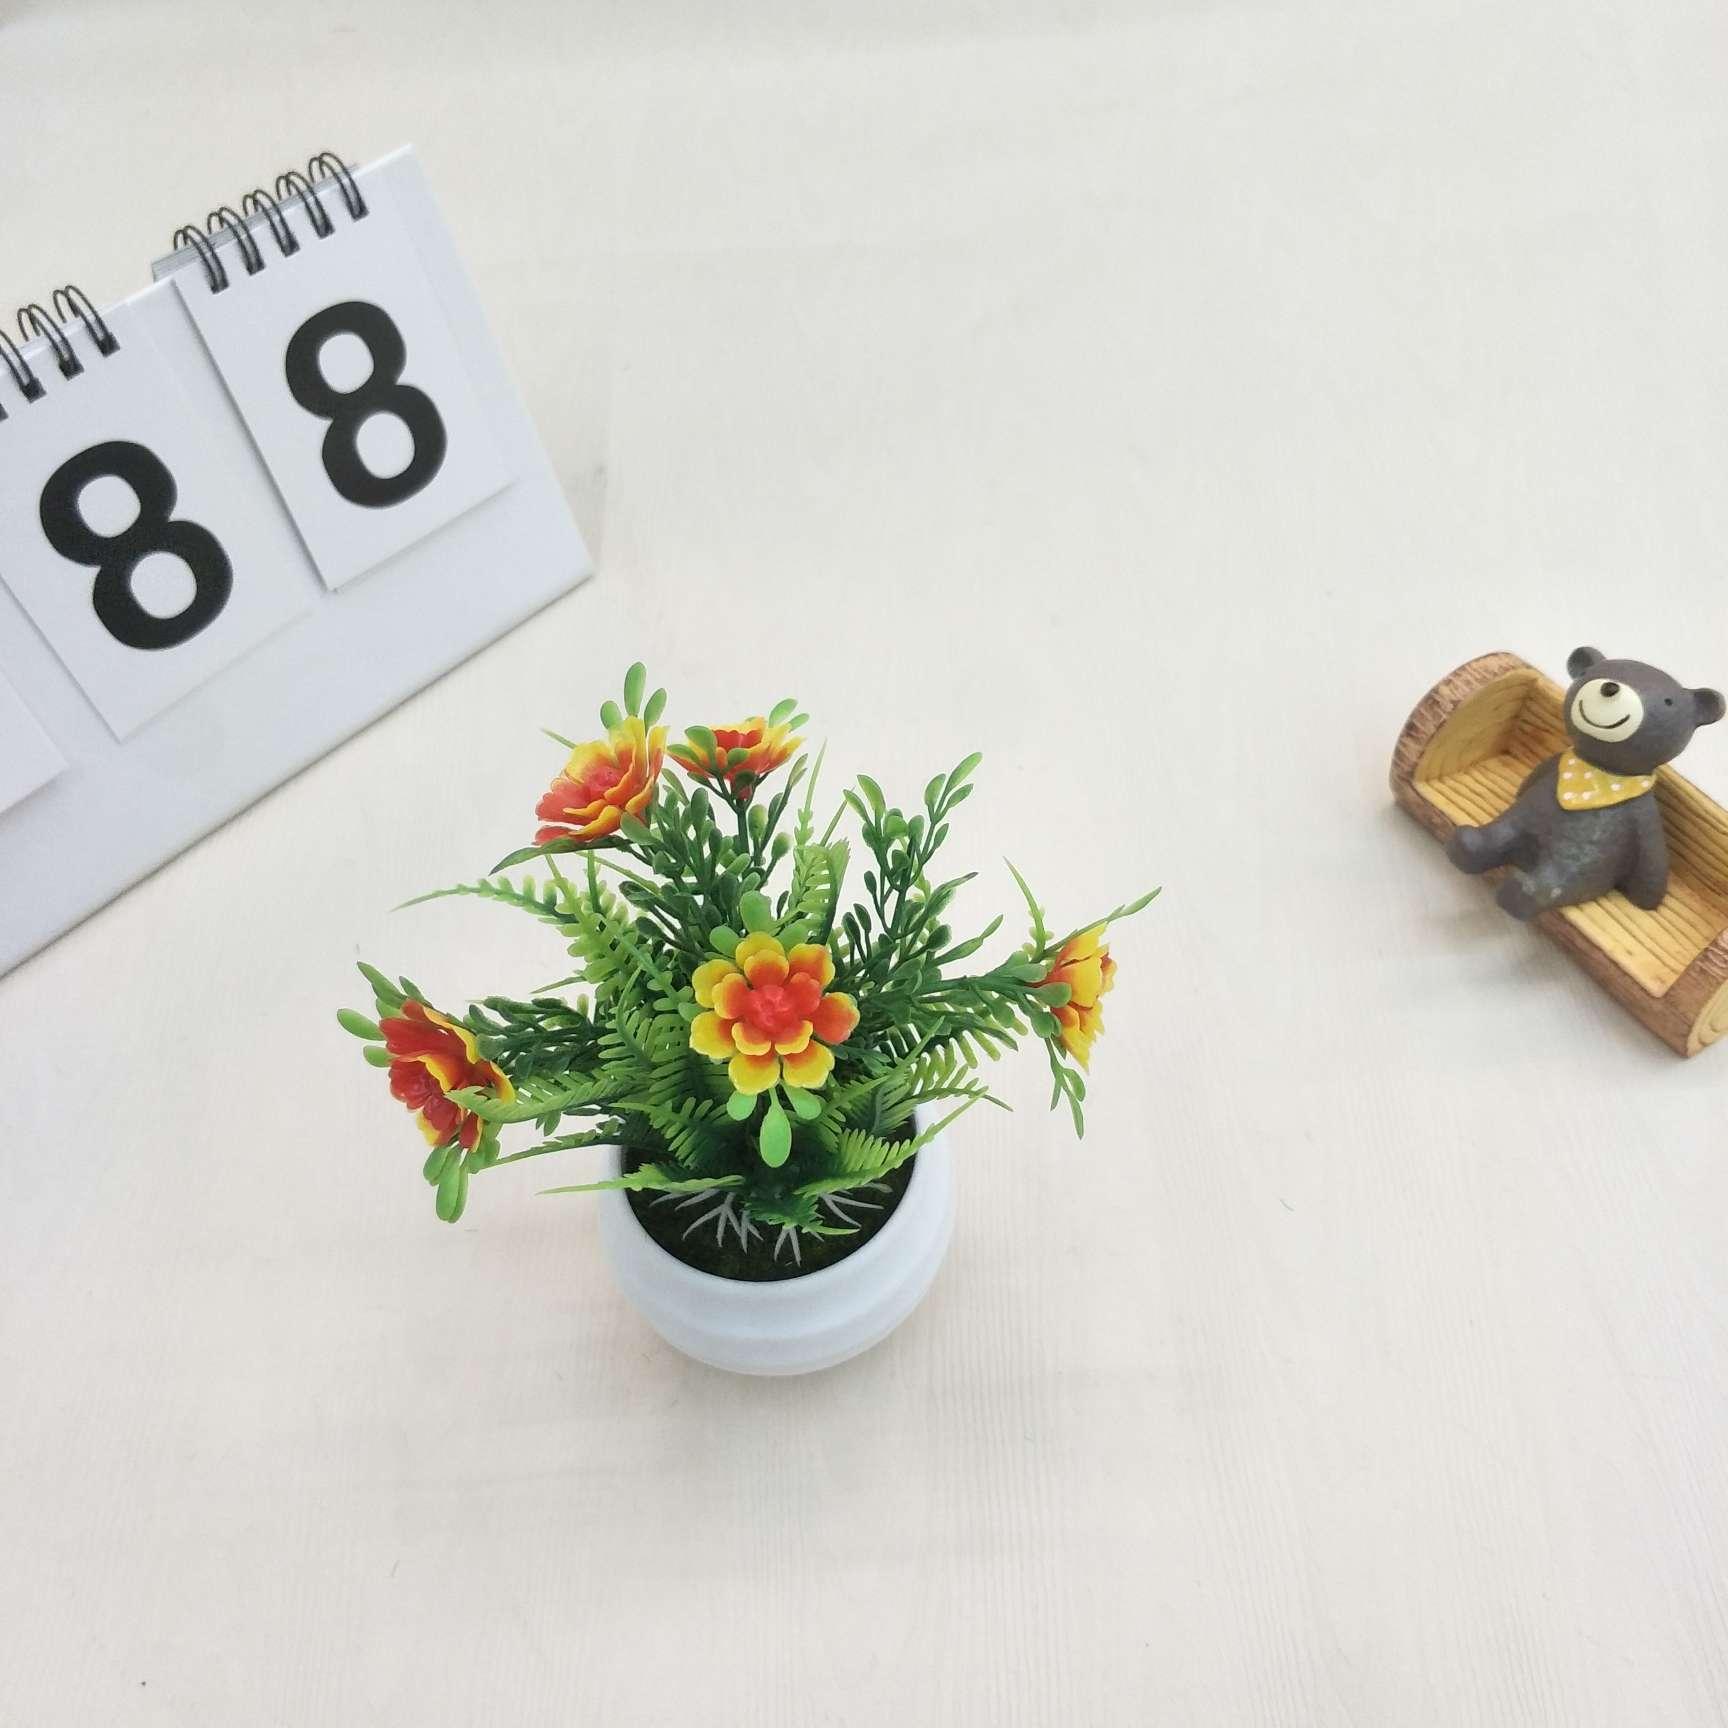 仿真盆栽仿真海棠花迷你小盆栽室内家居办公桌摆件